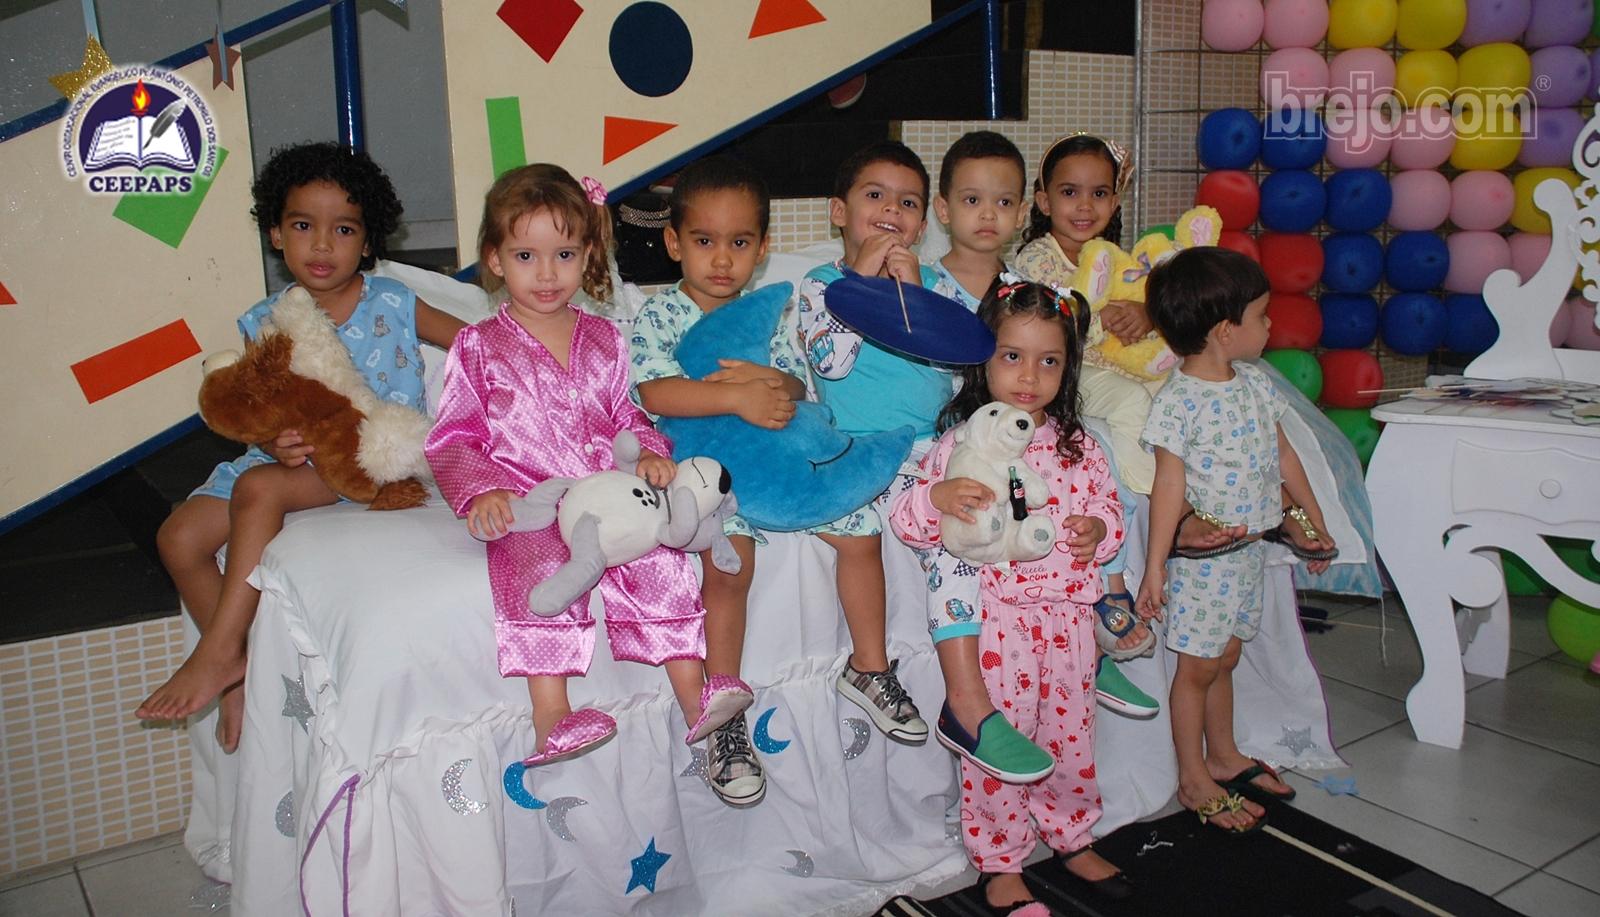 ceepaps_noite_do_pijama_2016_pra_capa